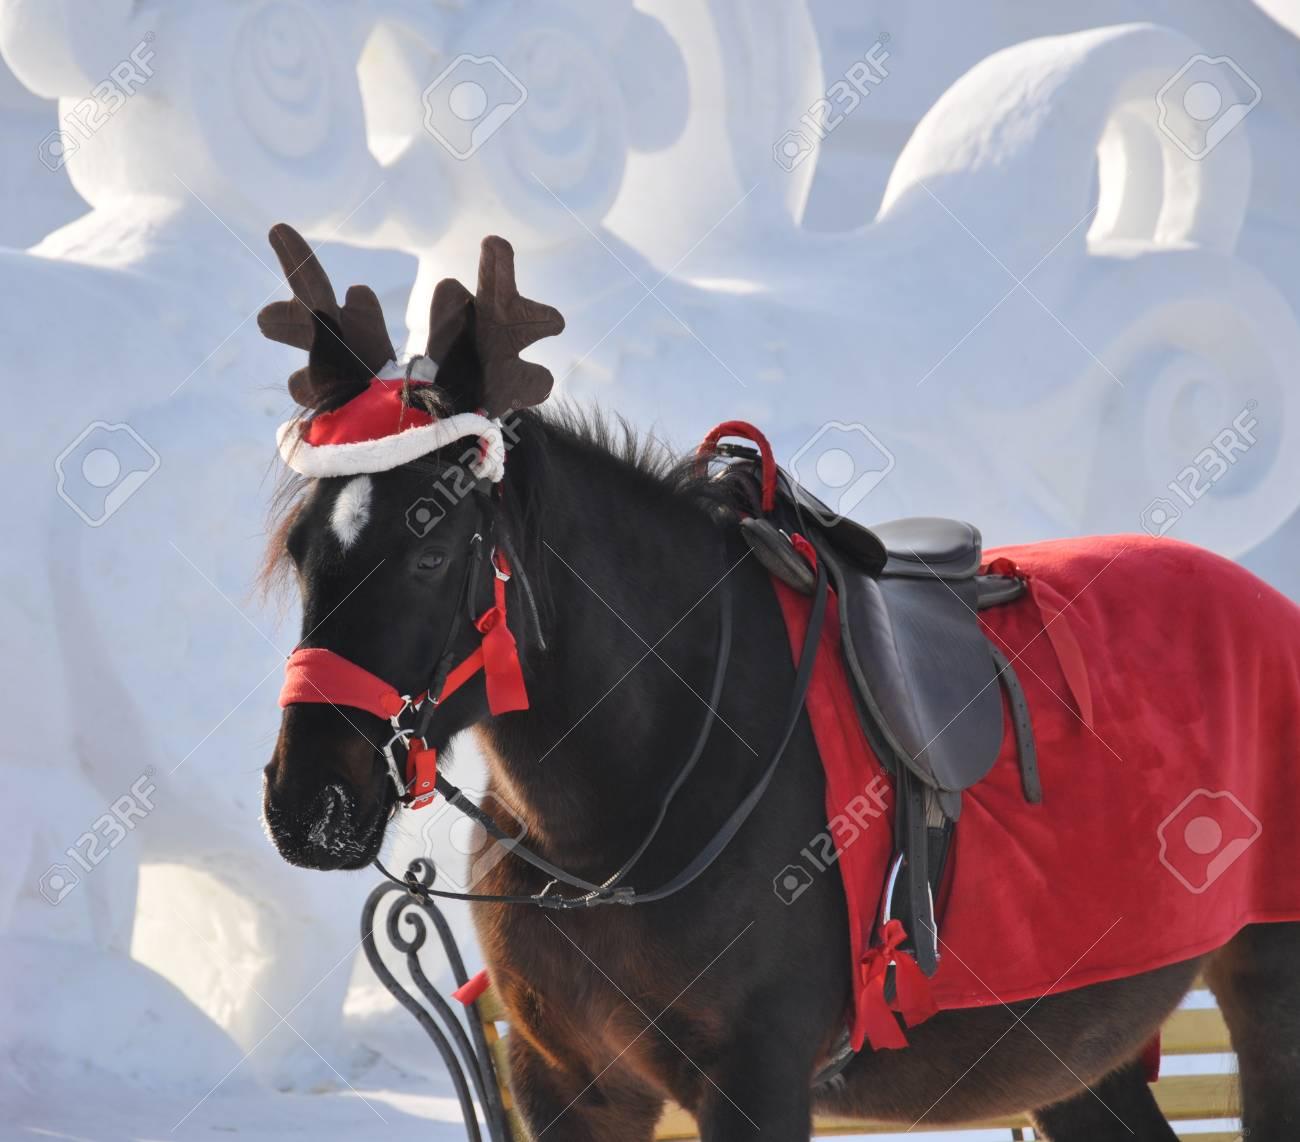 74539031-cheval-habill%C3%A9-en-pluie-de